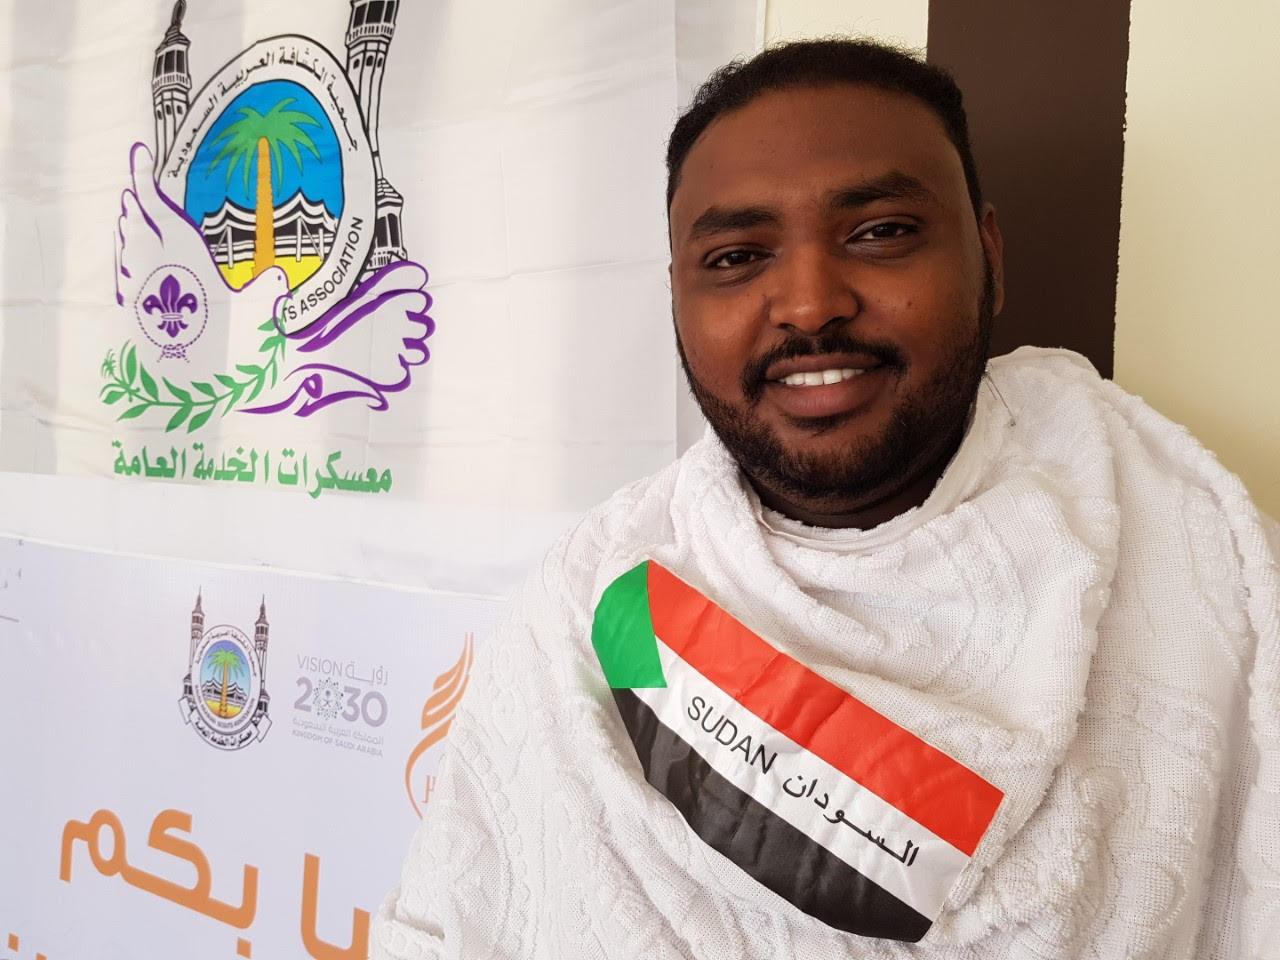 إعلامي سوداني يروي تجربته مع المملكة بموسم الحج الجاري